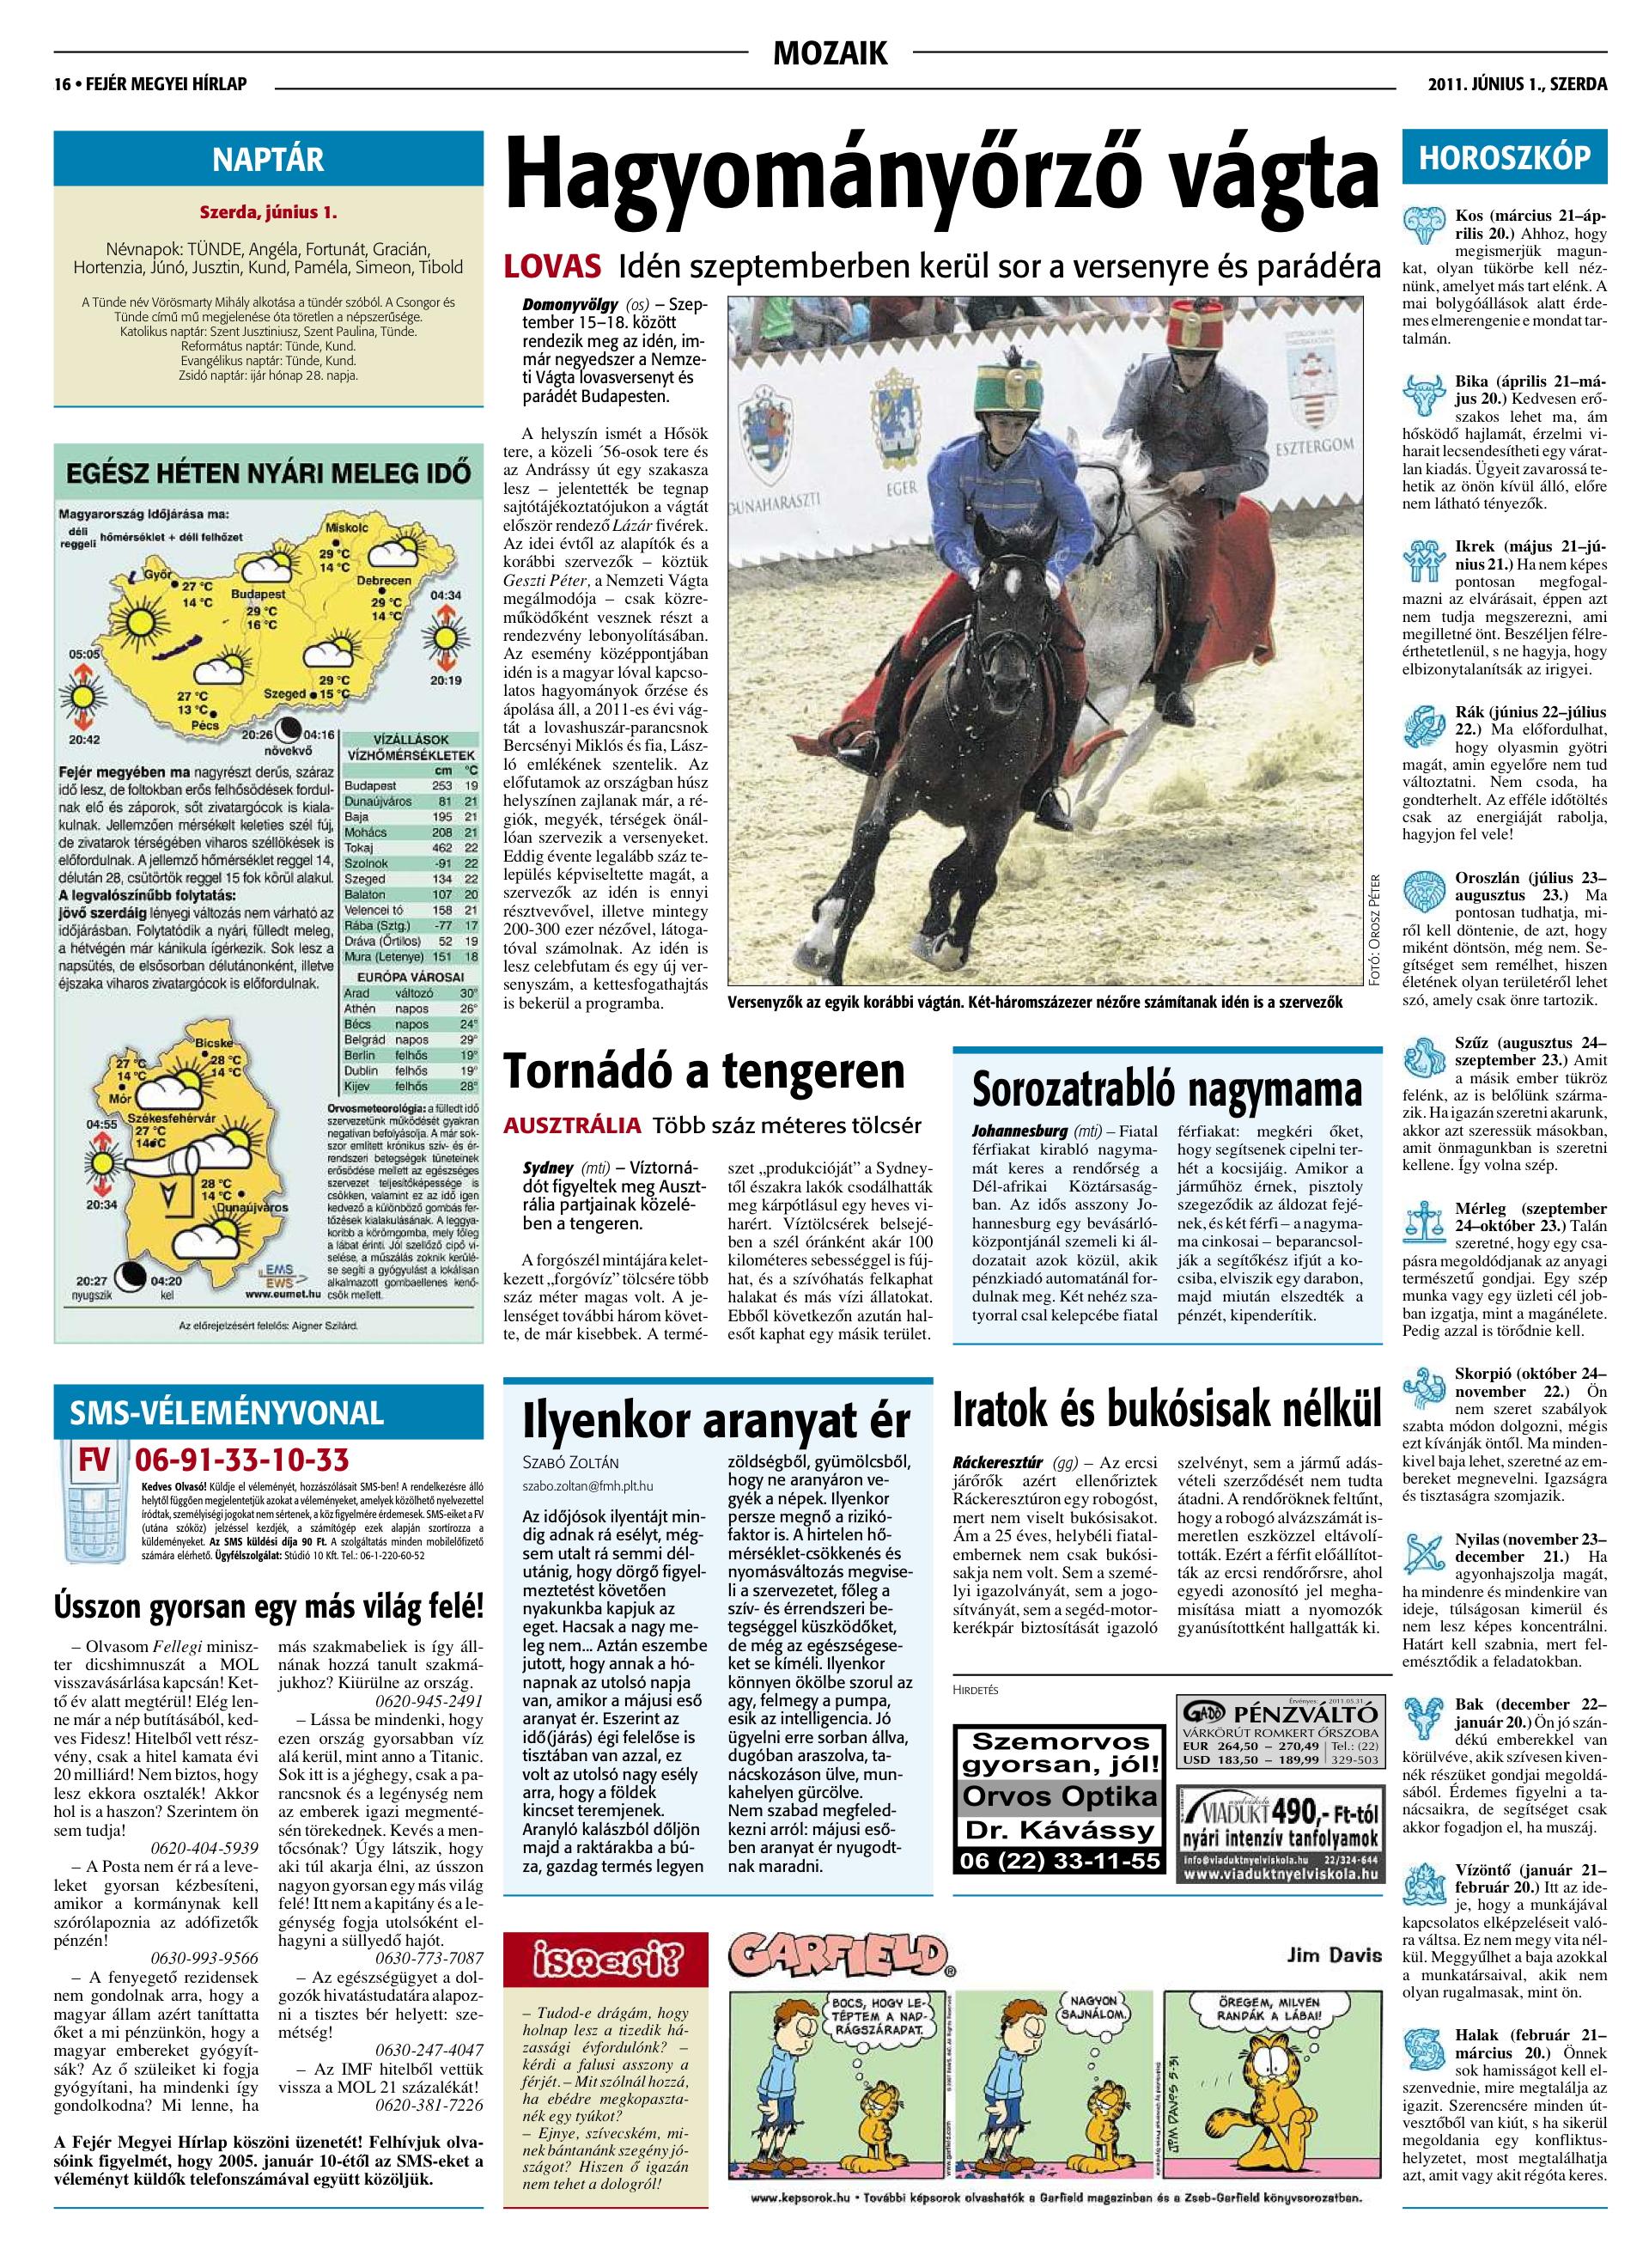 Fehér Megyei Hírlap - 2011.06.01.